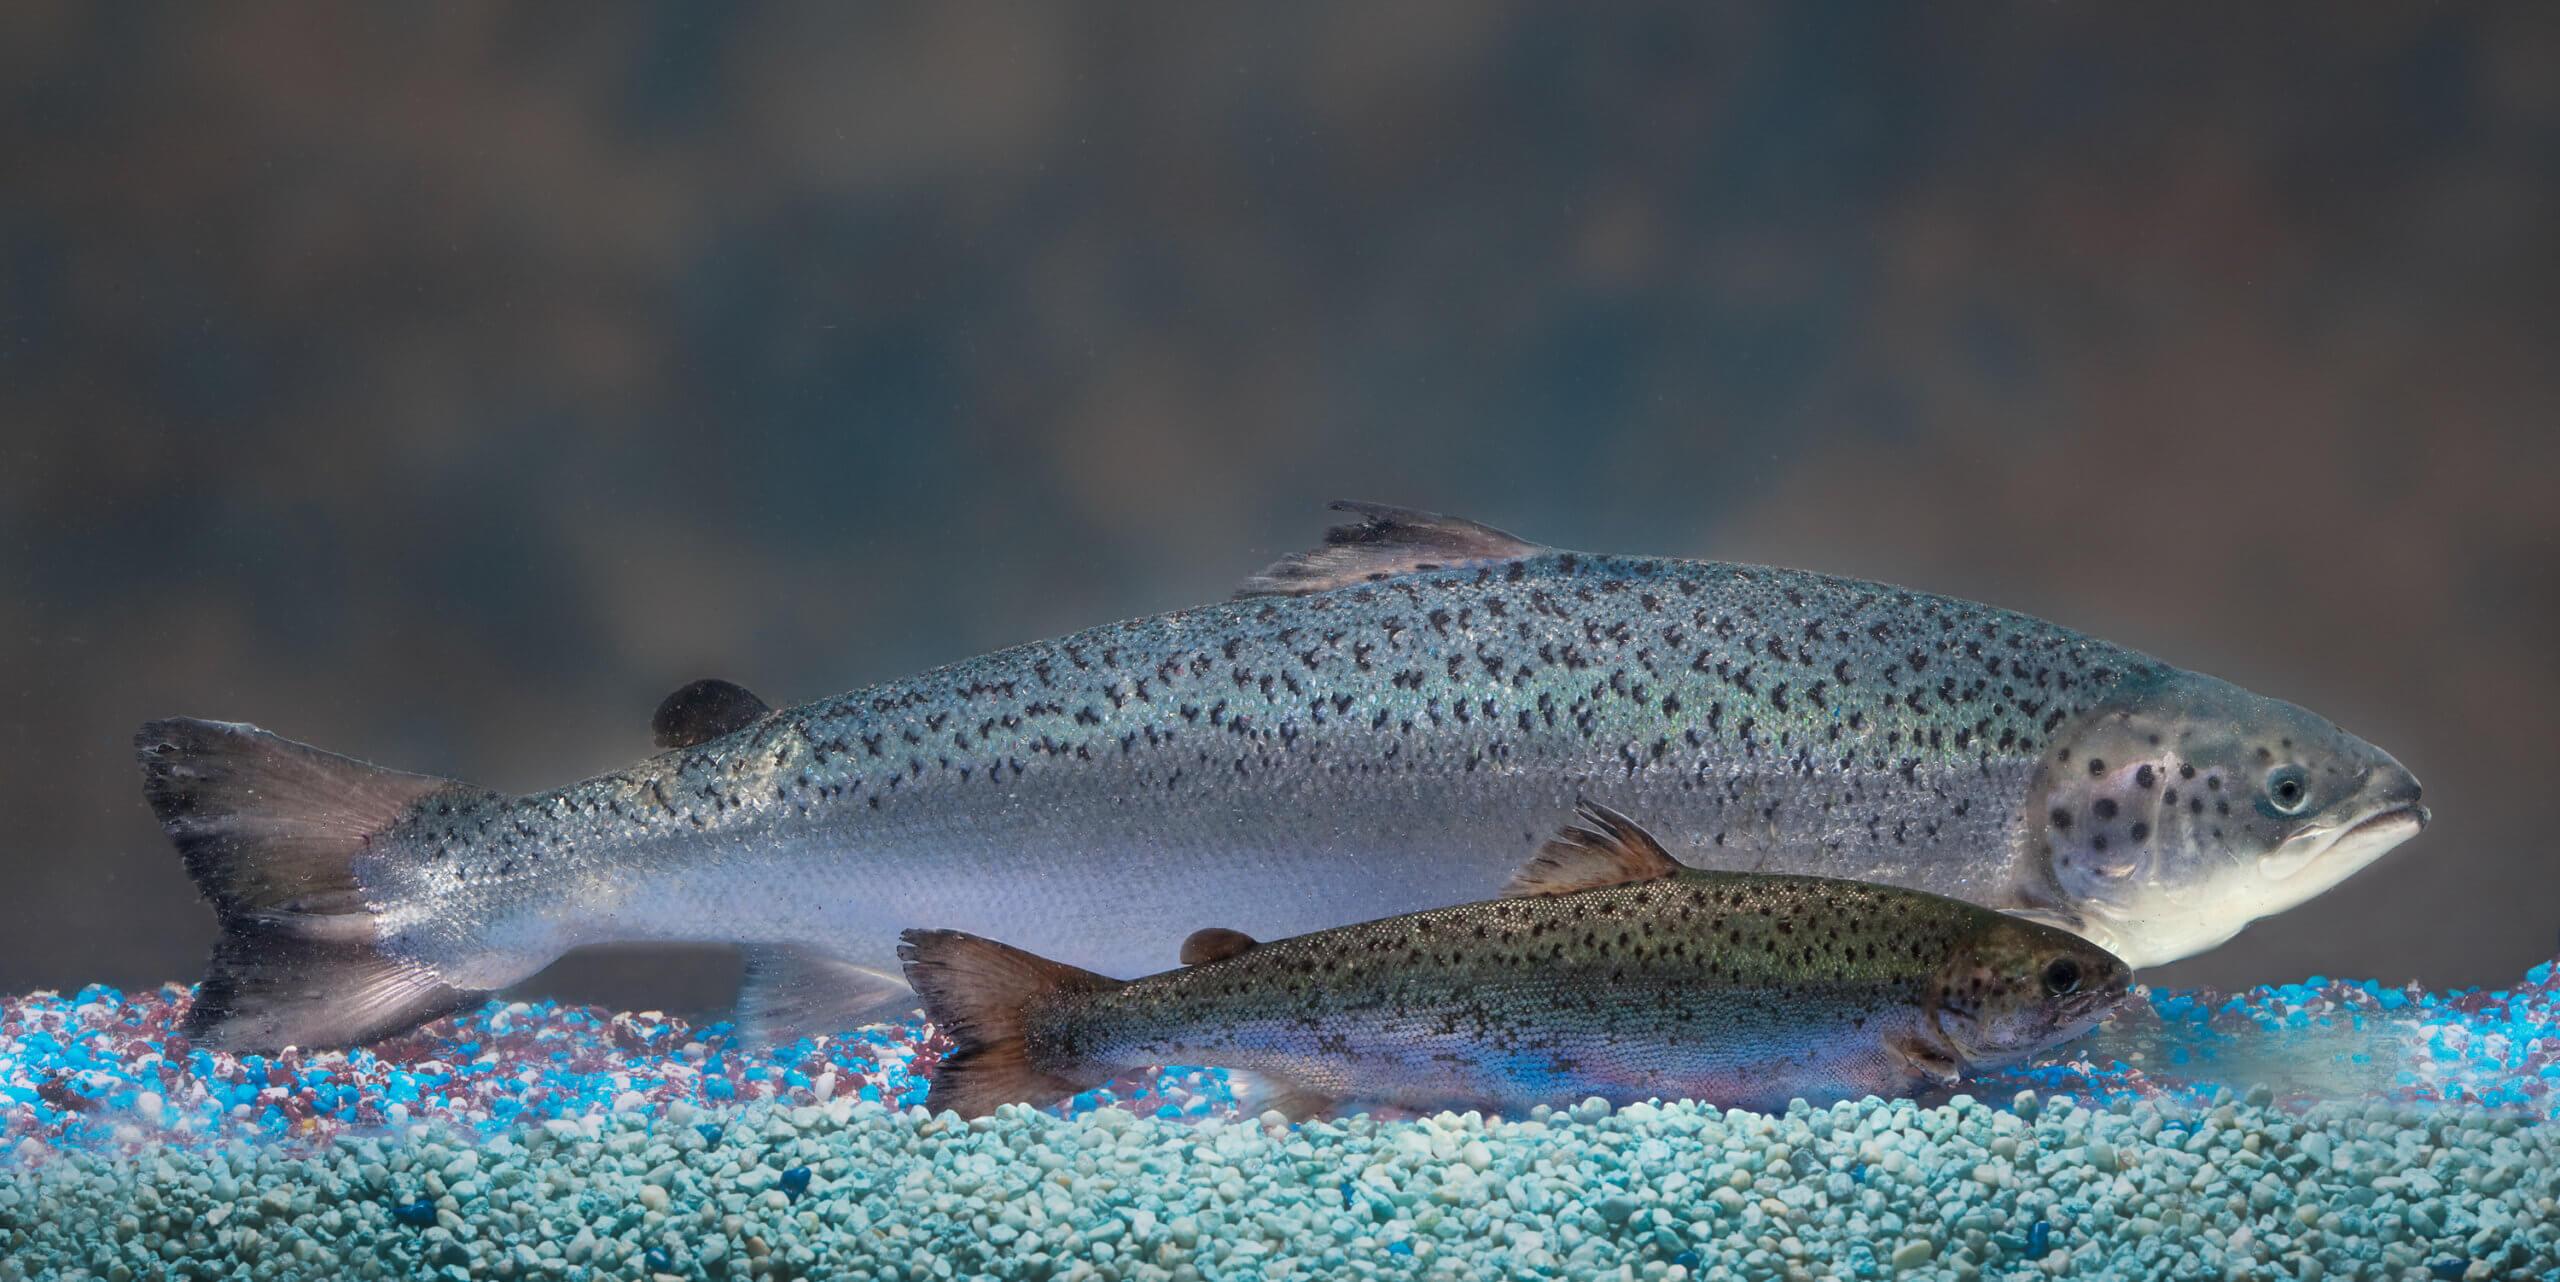 hres aquadvantage salmon vs non transgenic sibling aquabounty technologies custom dab d ec cb c d badecd